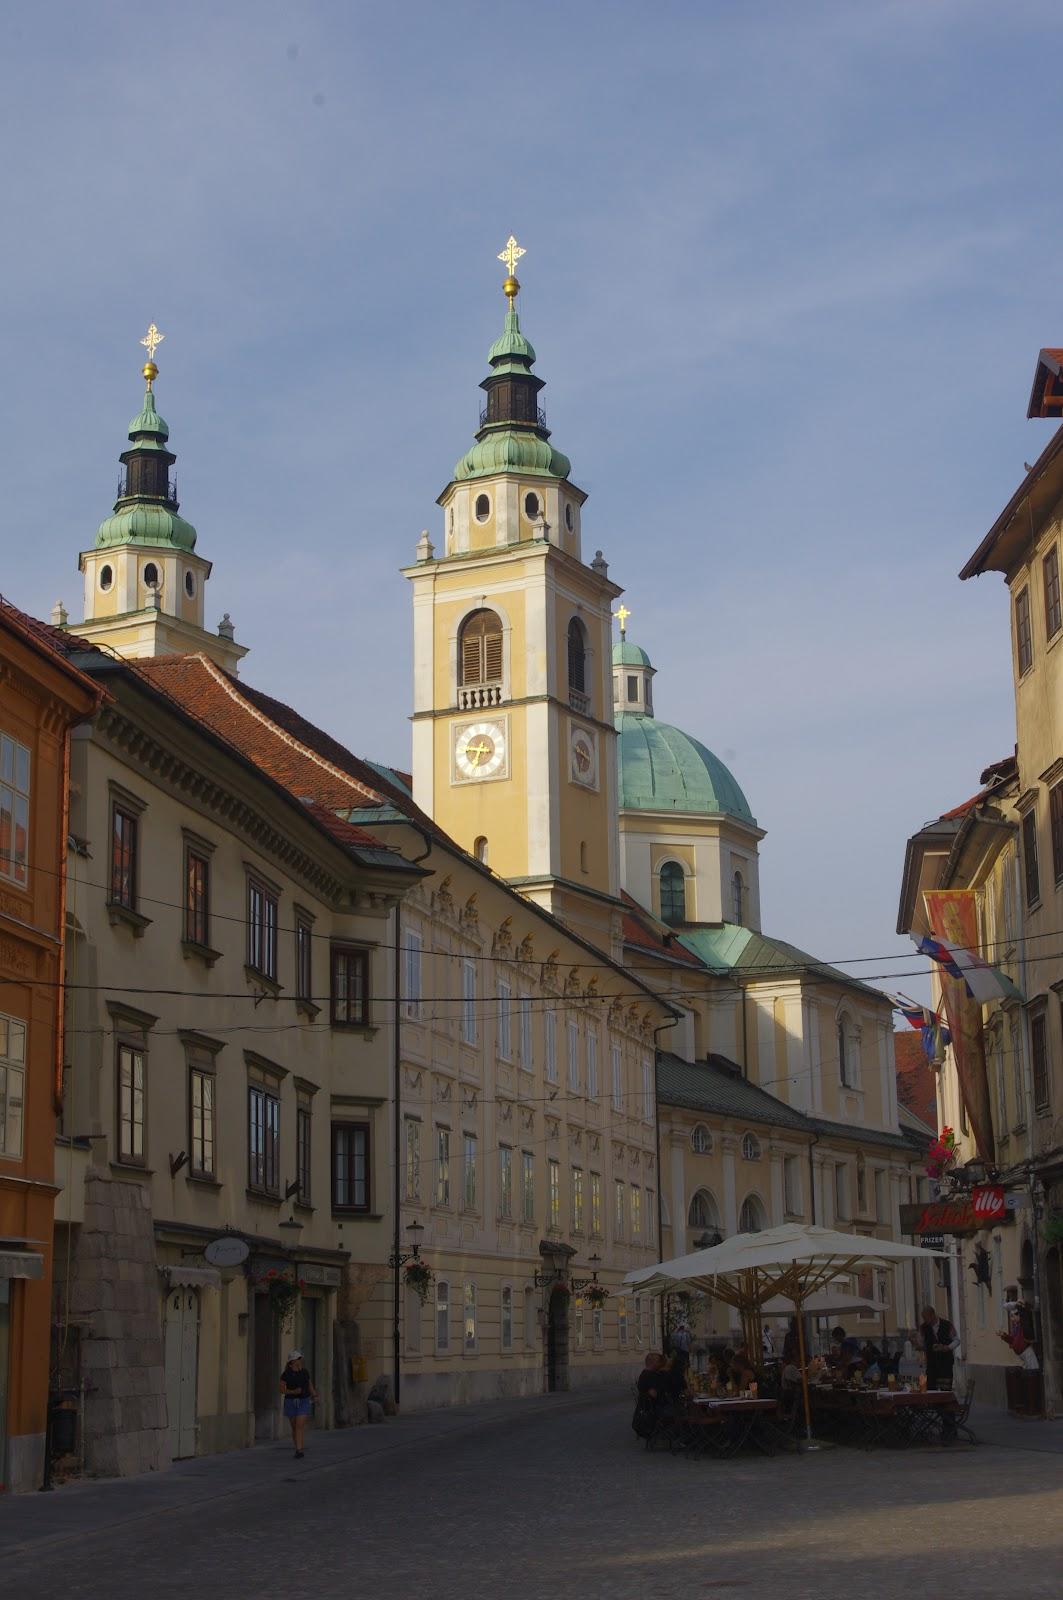 喜歡大自然: 斯洛維尼亞首都-盧比安納(LJUBLJANA)